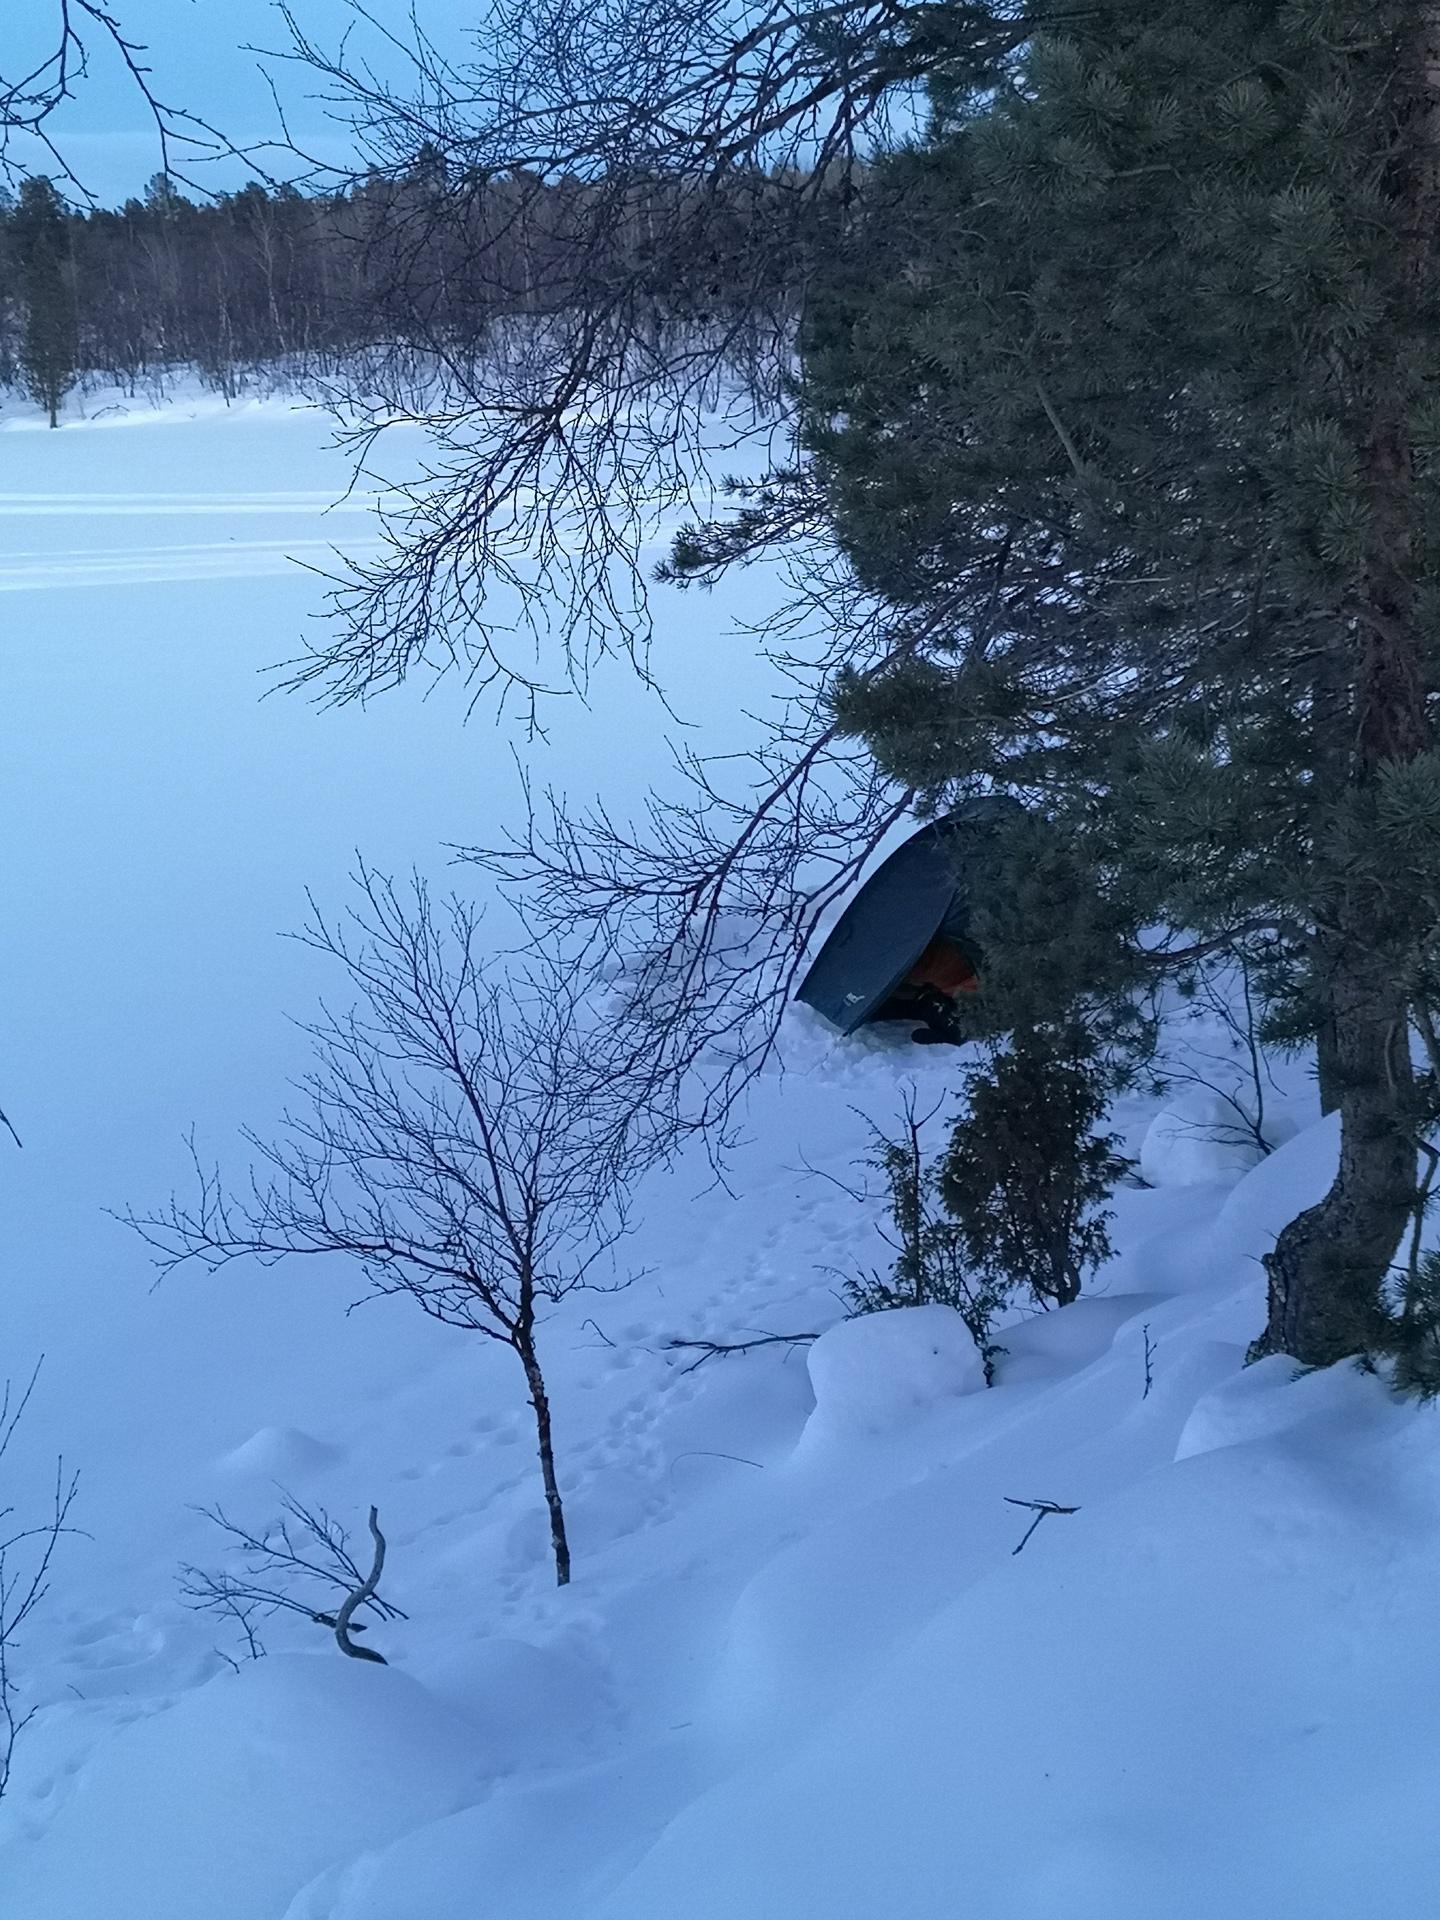 """Reinon """"piti"""" päästä vielä toiseksikin yöksi luontoon. Paikaksi valikoitui Teppanan Kotajärvi, Kaamanen-Sevettijärvi tien varrella."""